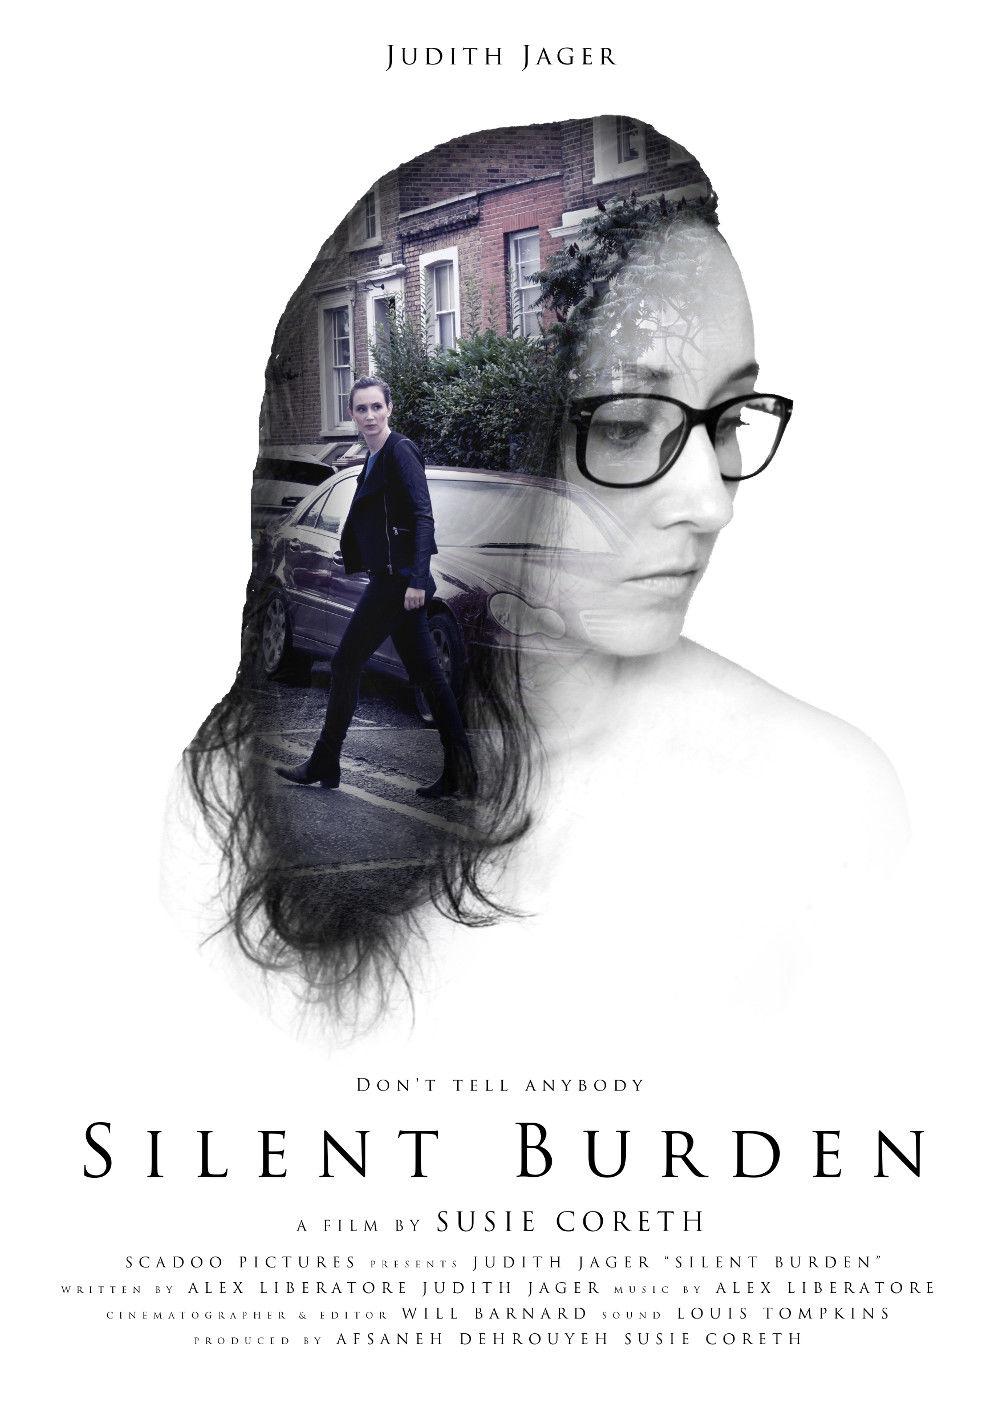 Silent Burden